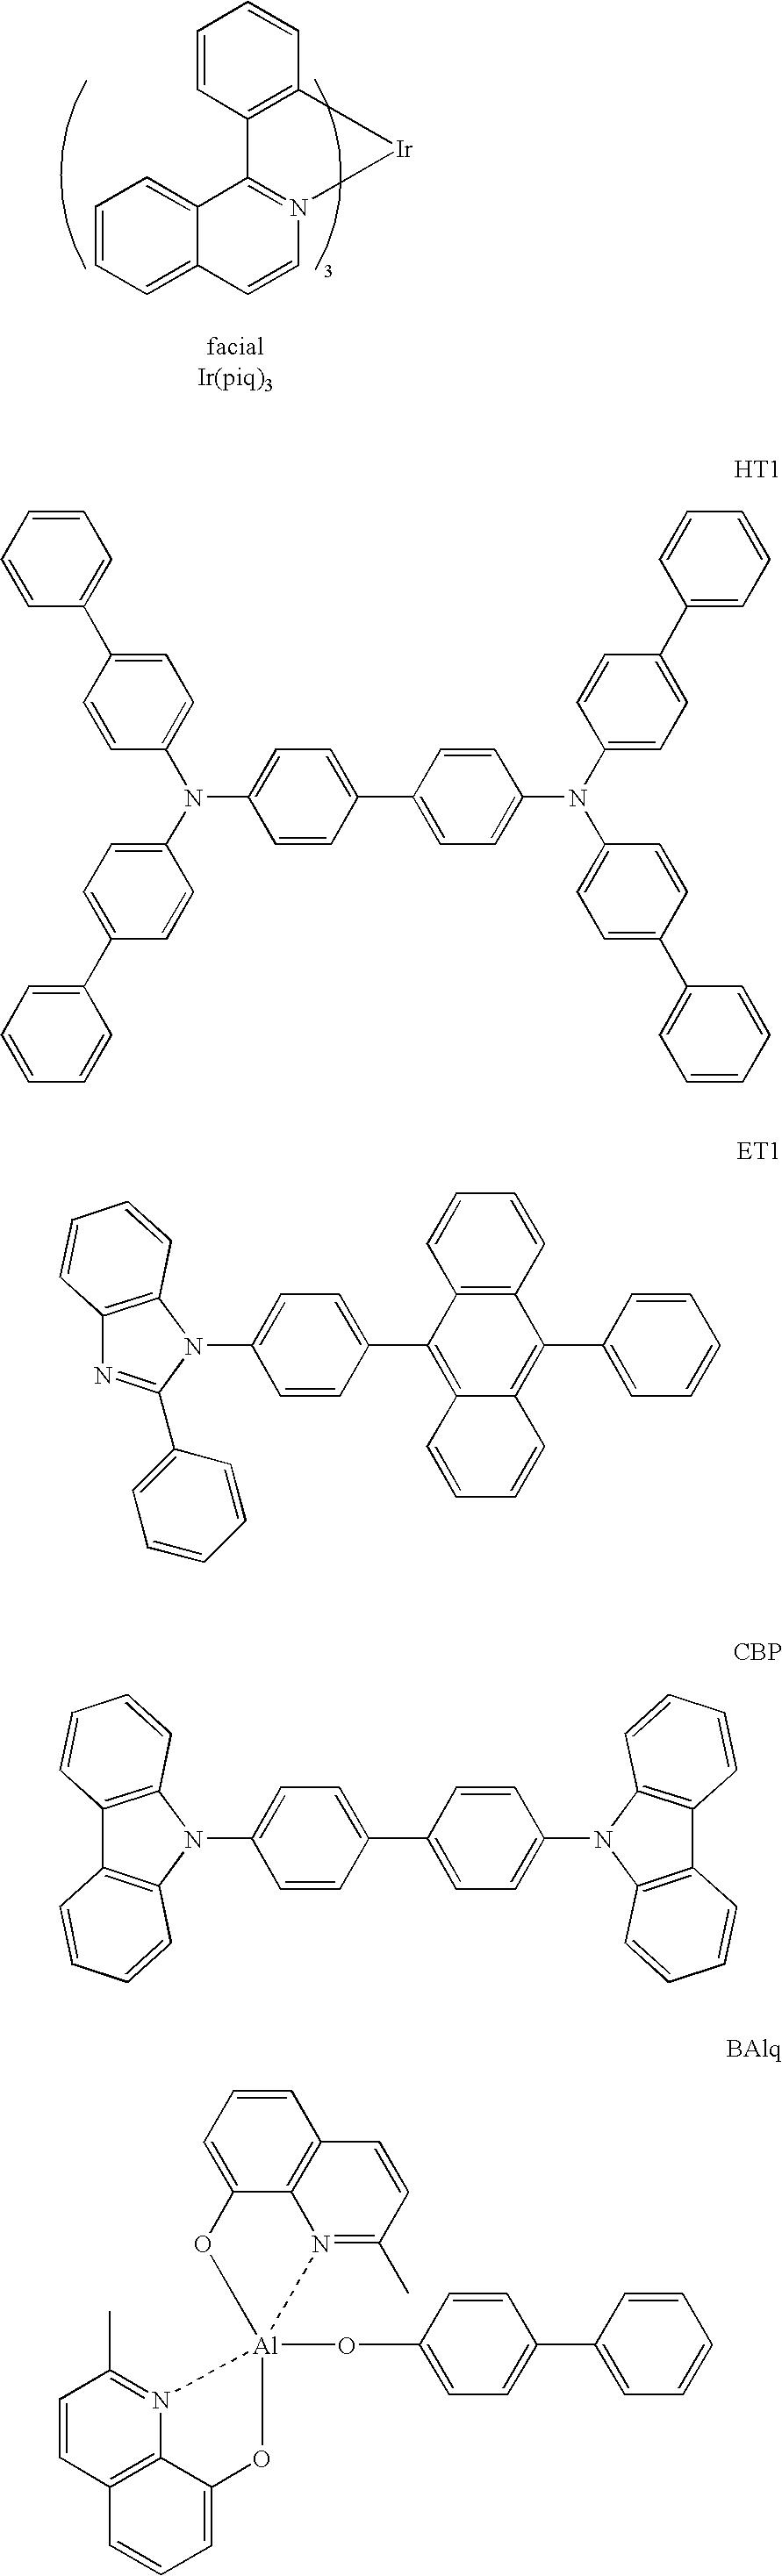 Figure US08154195-20120410-C00692